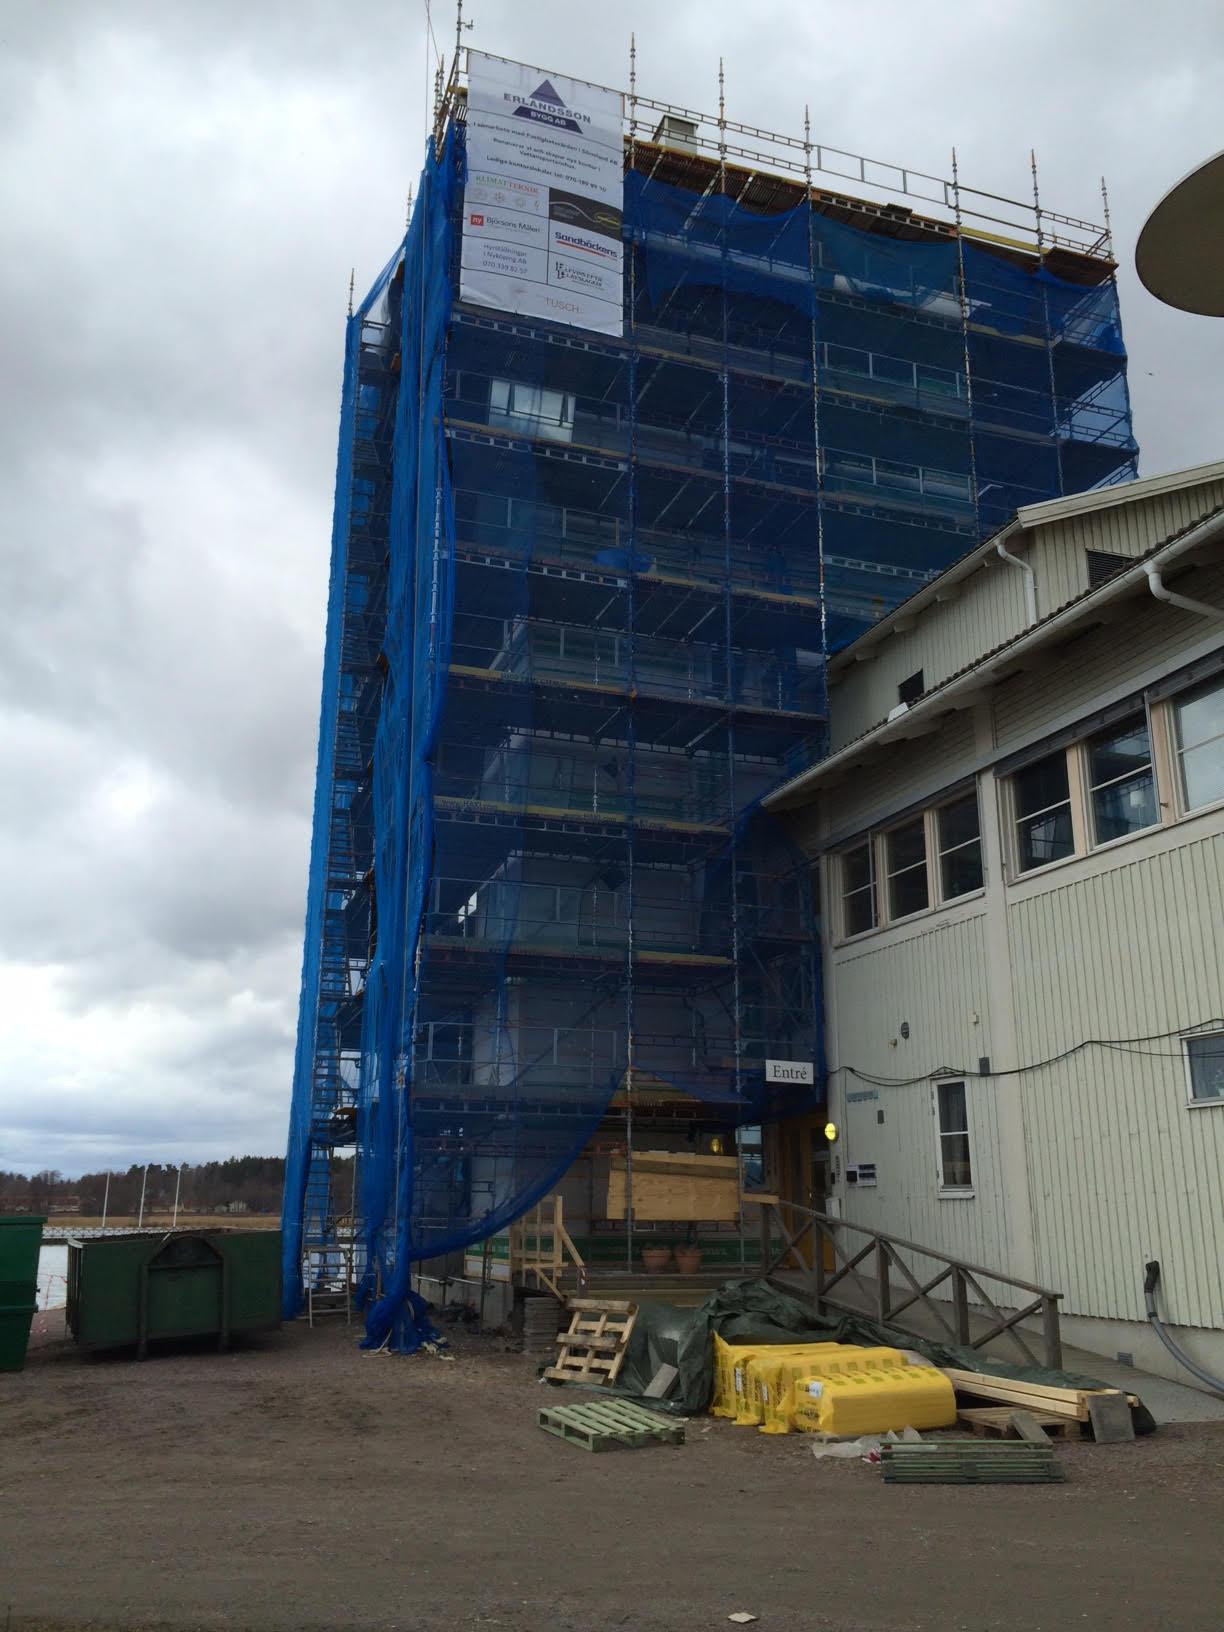 Omfattande ombyggnation av Vattensportens hus i Nyköping Ny ventilation och kompletteringar i flera kontor.